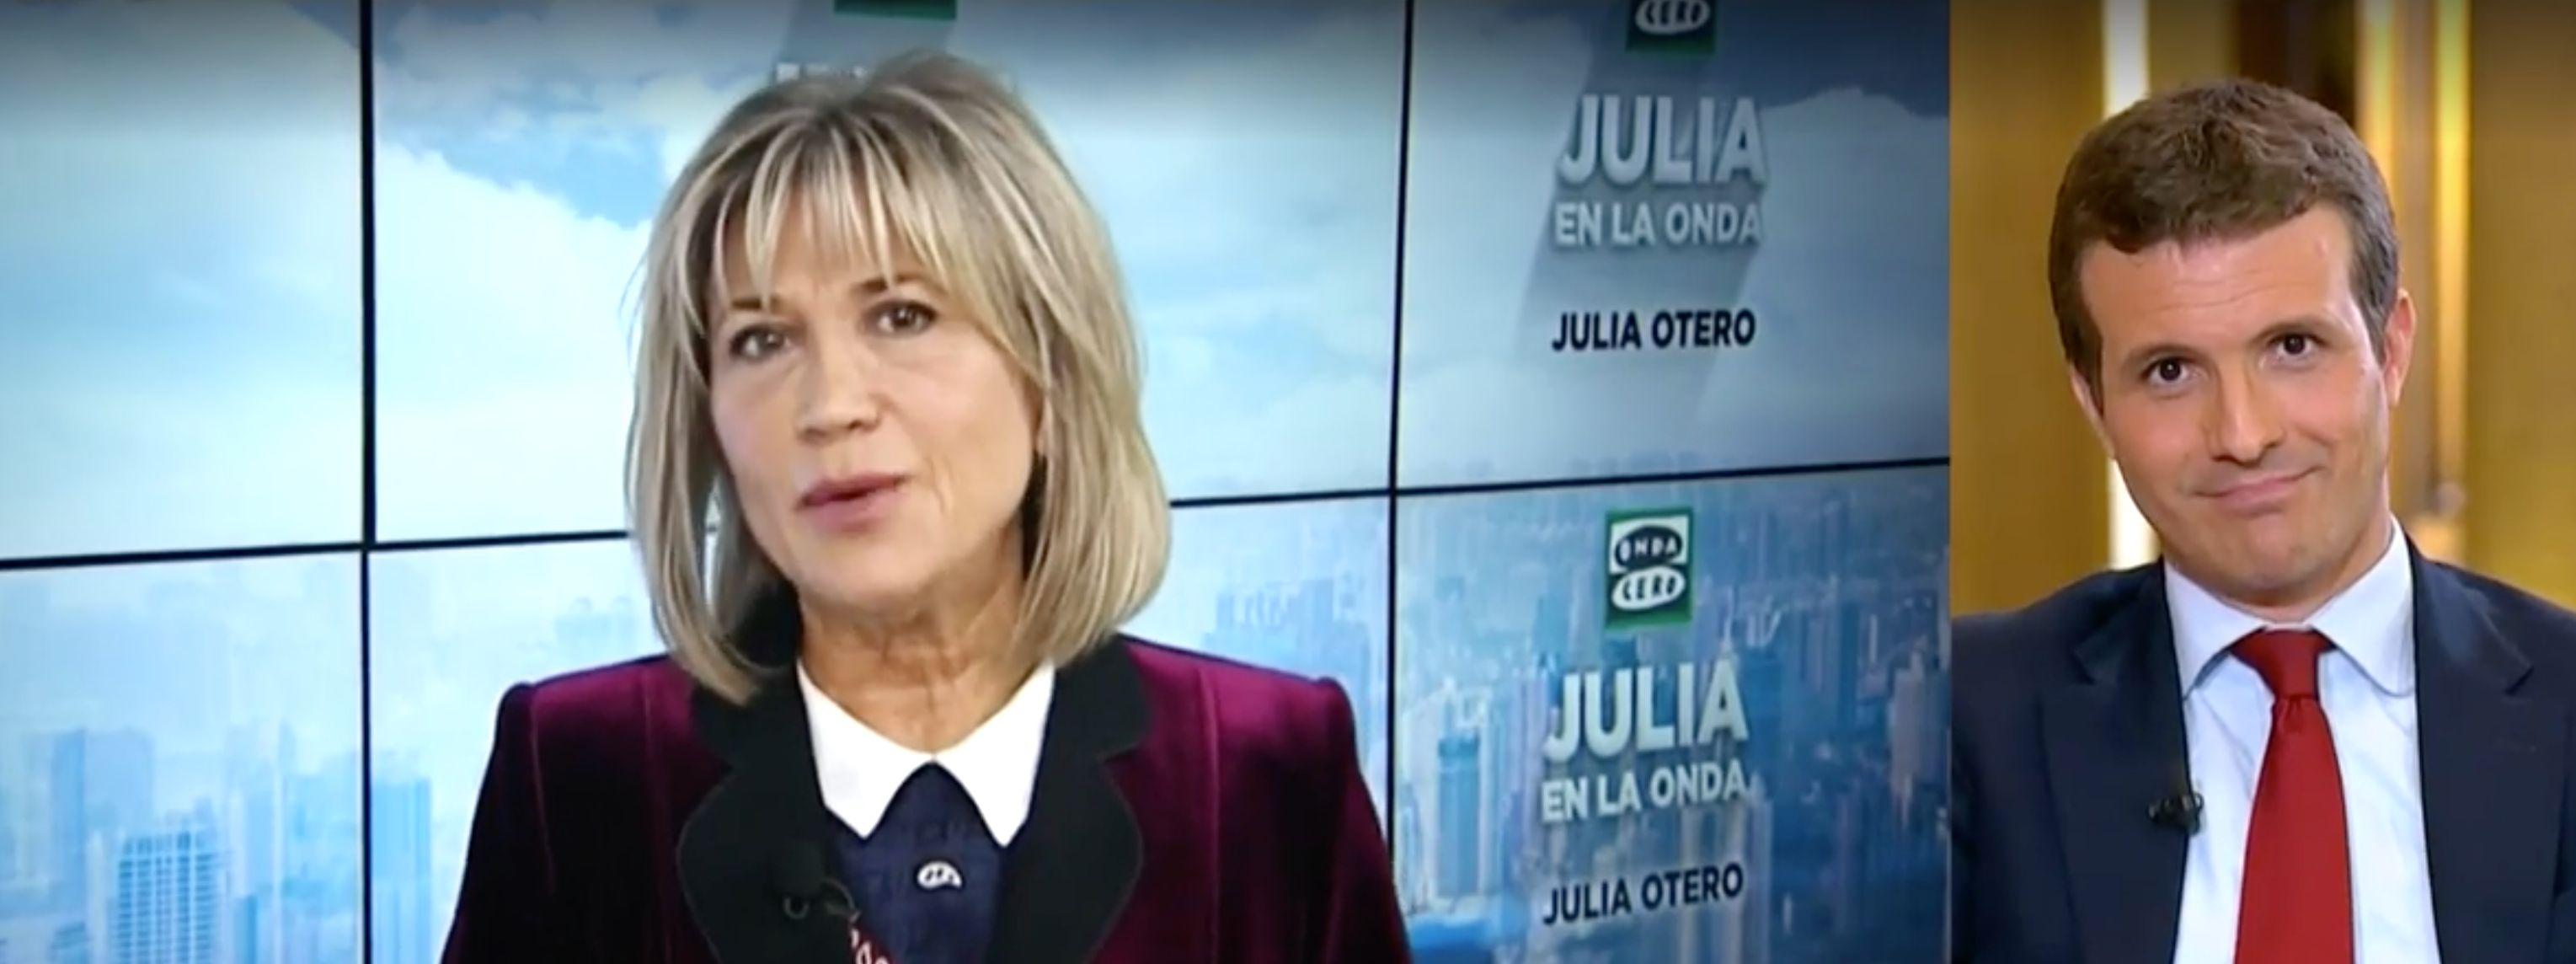 Julia Otero conquista Twitter al hacer esta pregunta a Casado en laSexta